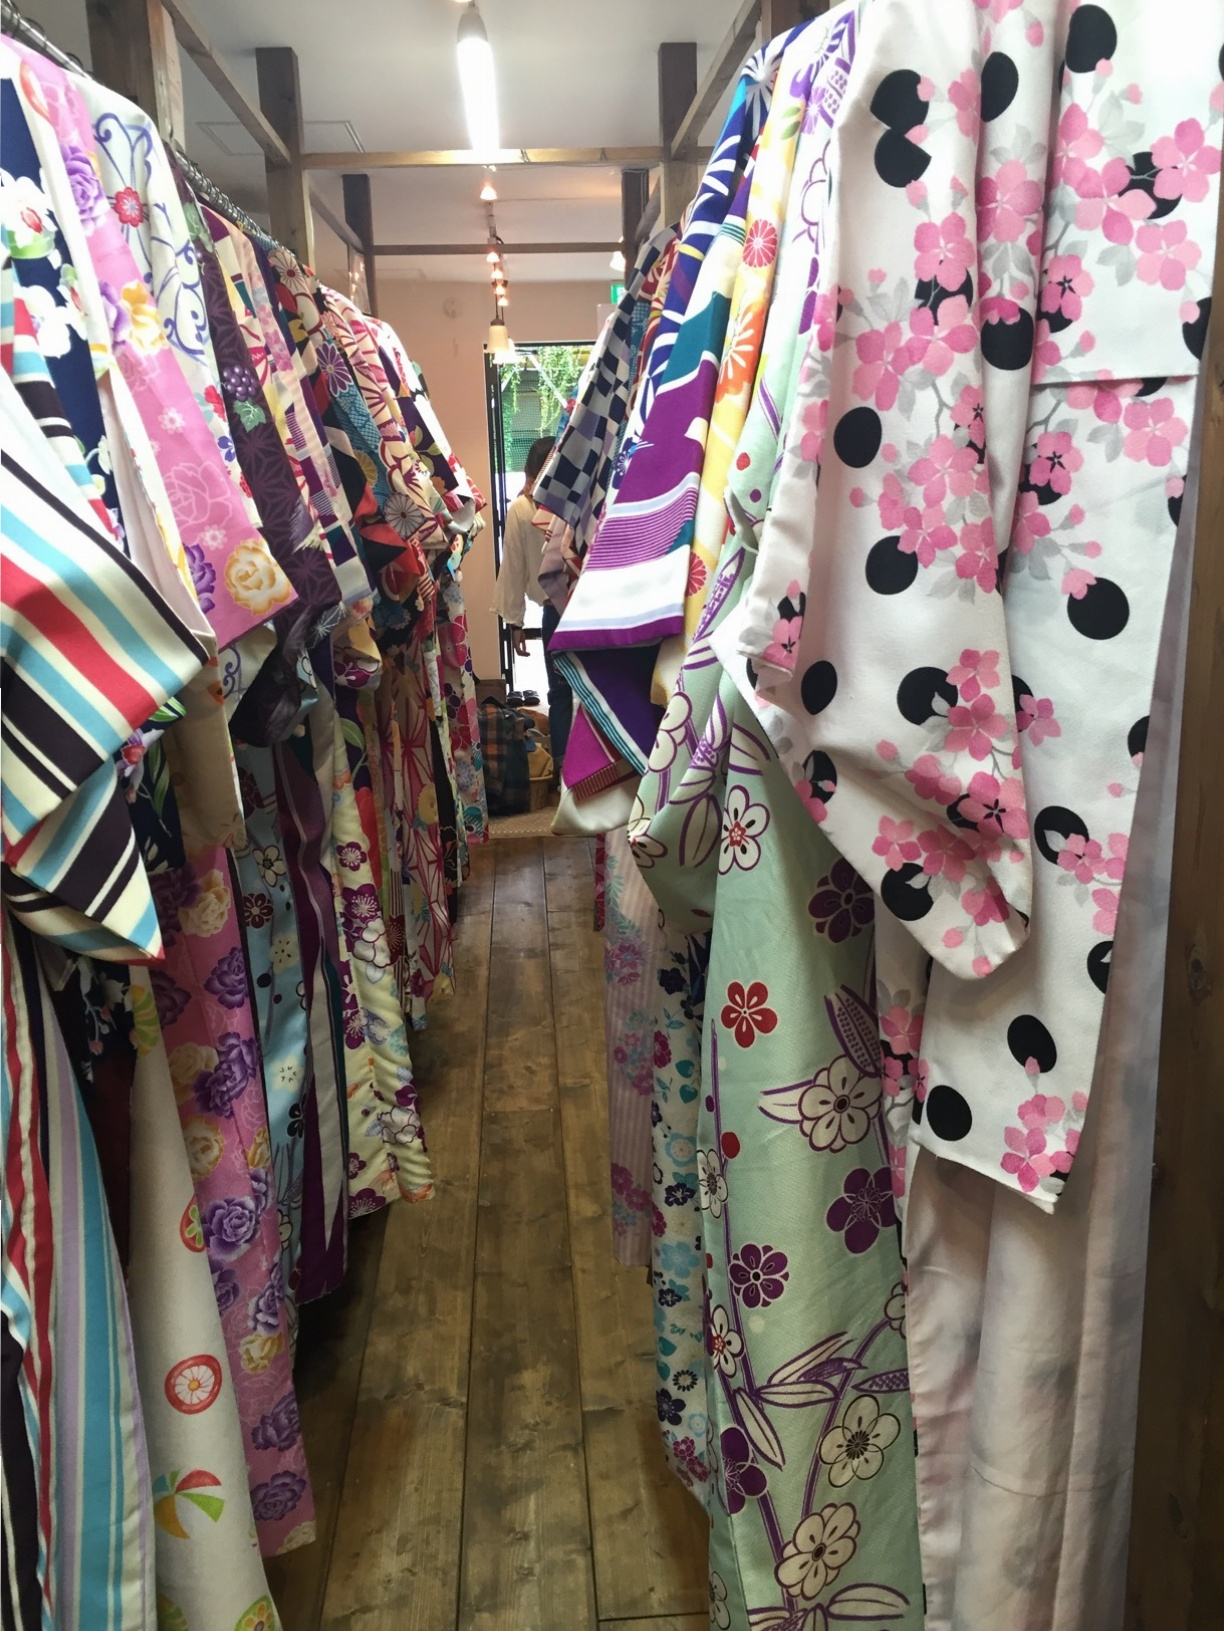 【✨着物レンタルwargo ¥2,900✨】手ぶらでOK!着物を着てお出掛けしよう❤︎鎌倉の「報国寺の竹林」「浄妙寺」「小町通り」を散歩しました♩≪samenyan≫_2